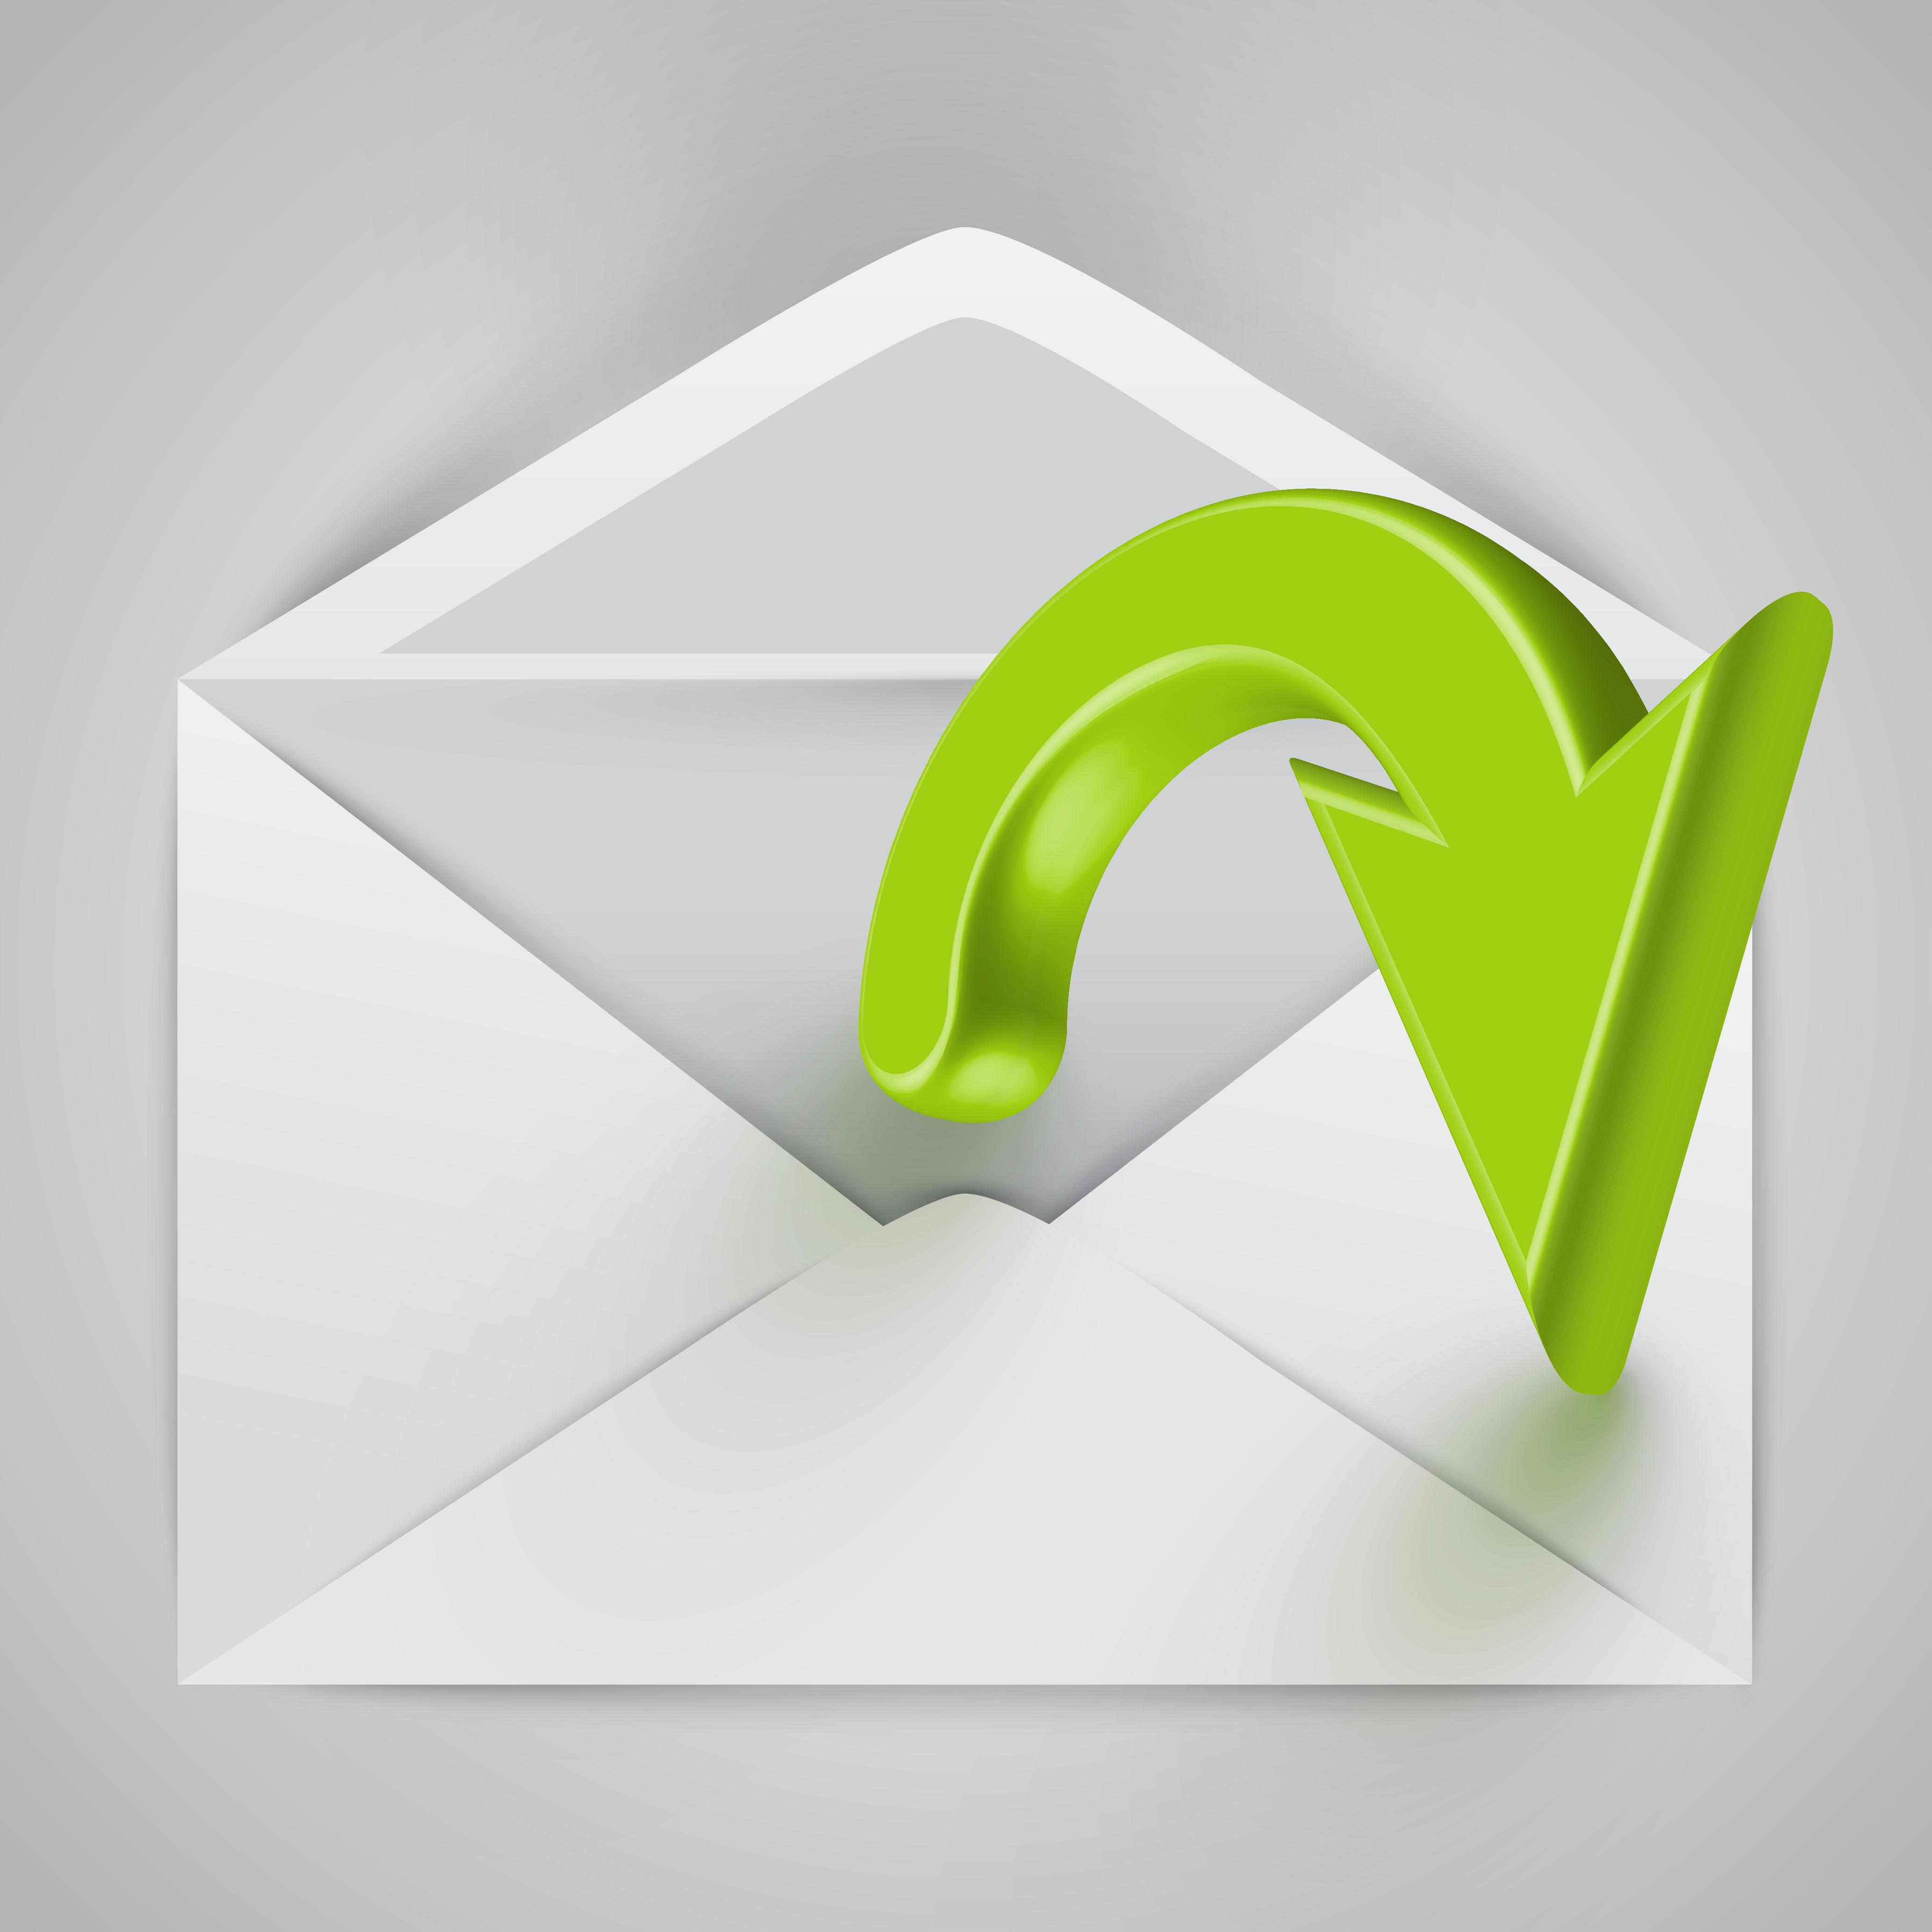 Open envelope vector 319161 Vector Art at Vecteezy